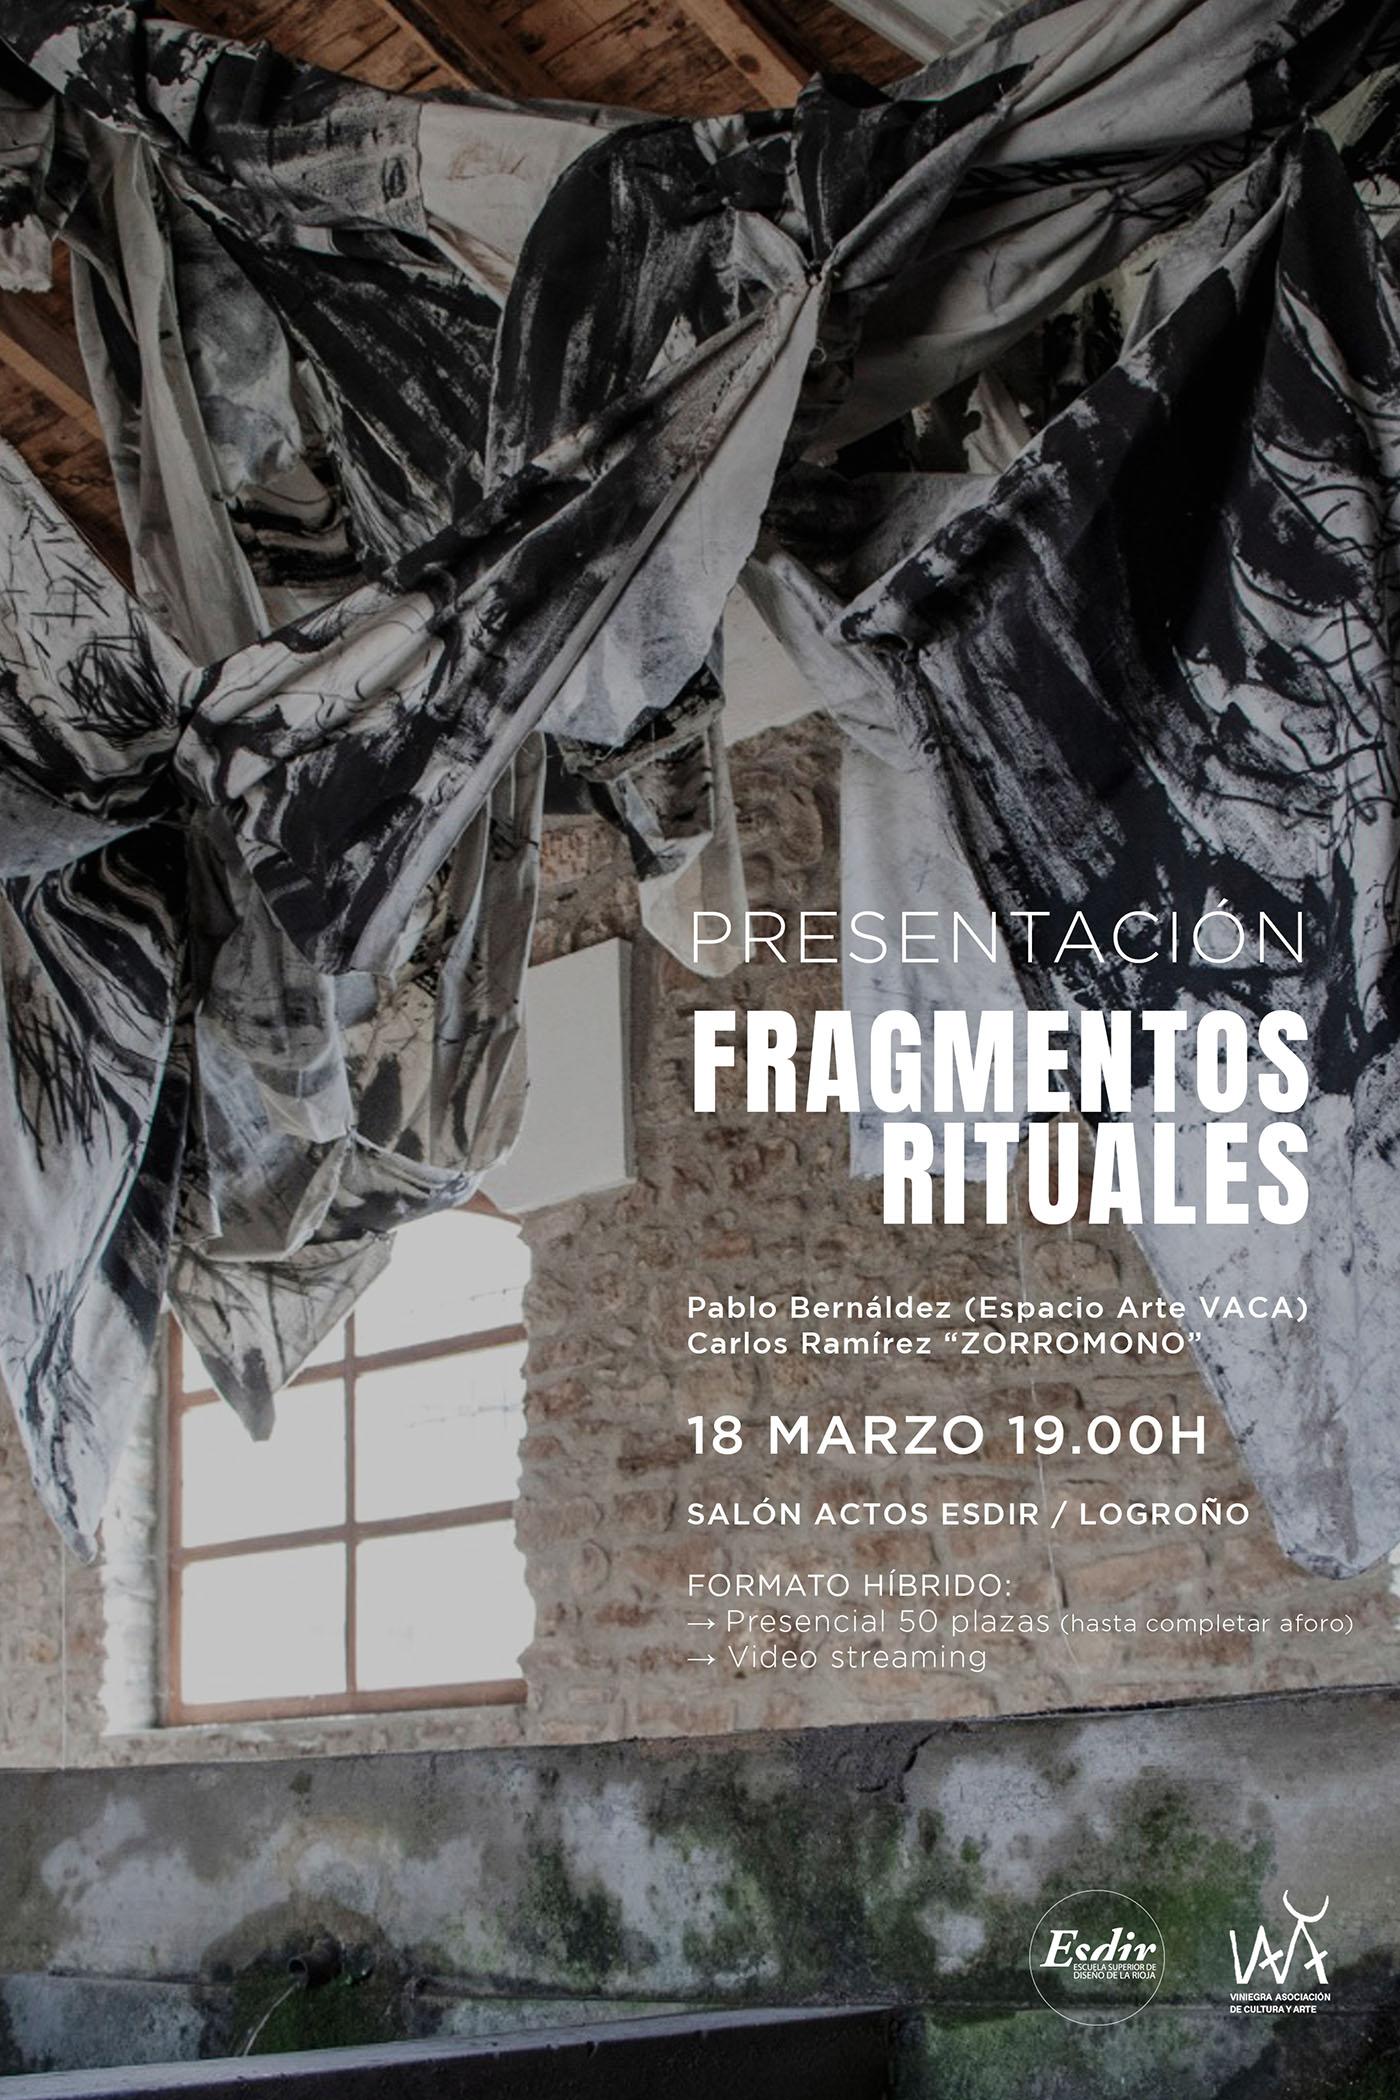 Presentacion-vertical-fragmentos